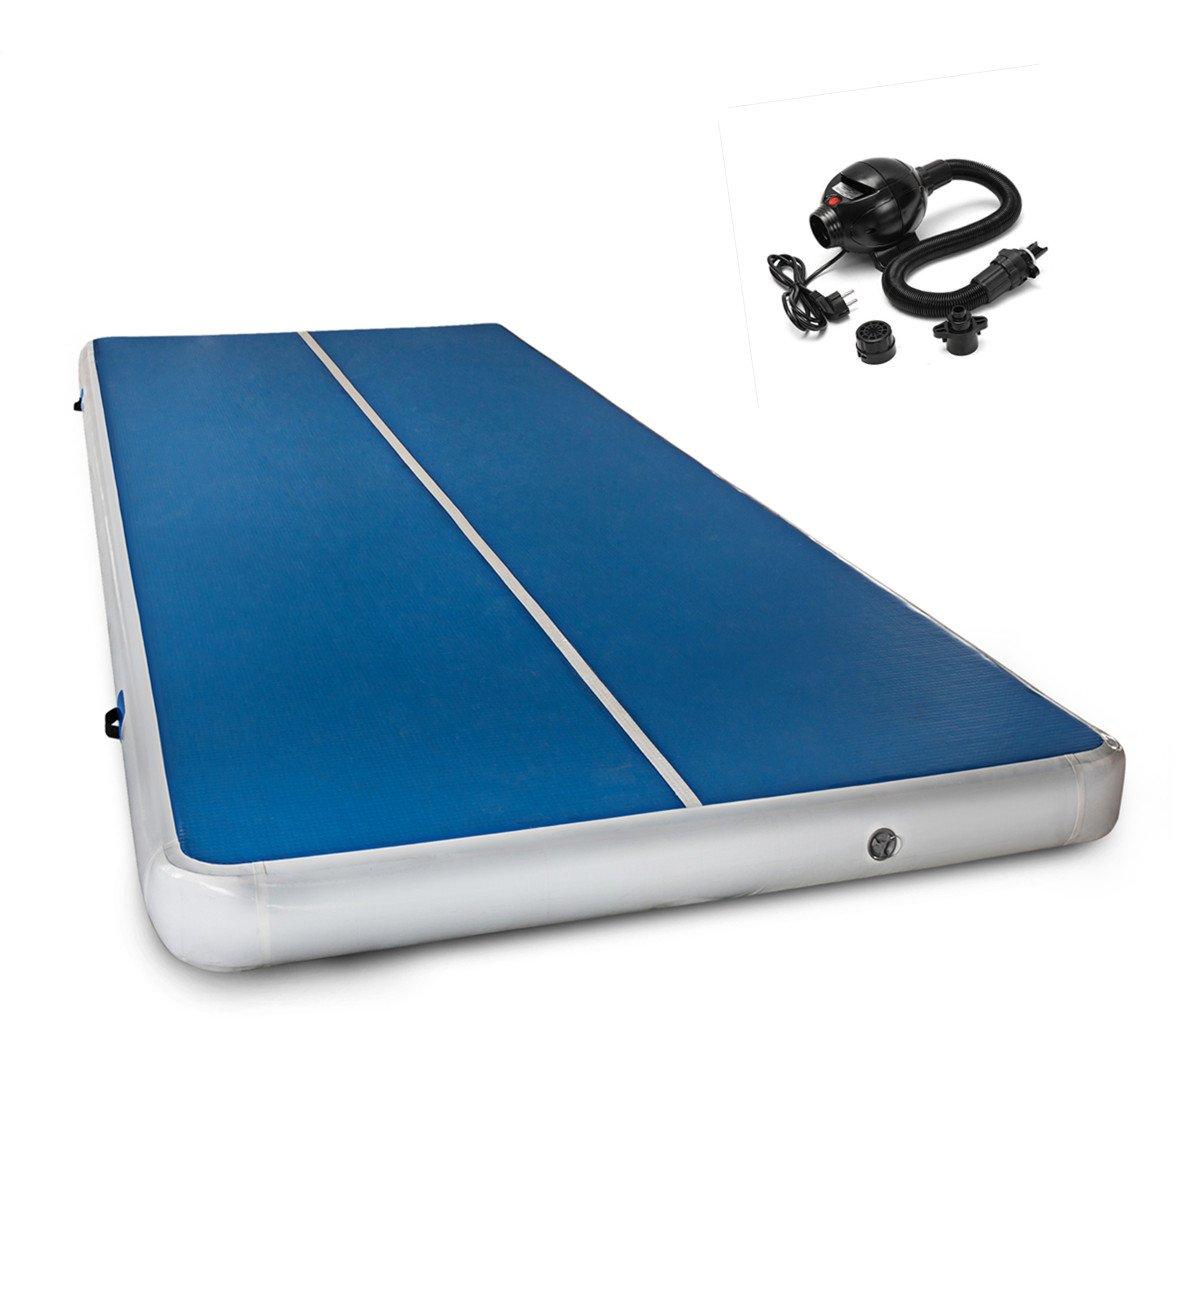 smarketbuy Airタンブルマットインフレータブルタンブルマット体操インフレータブルジムマットタンブルエアトラックホームの使用とトレーニング B07D9FRPJP Blue 6.6 x 19.6 ft with pump